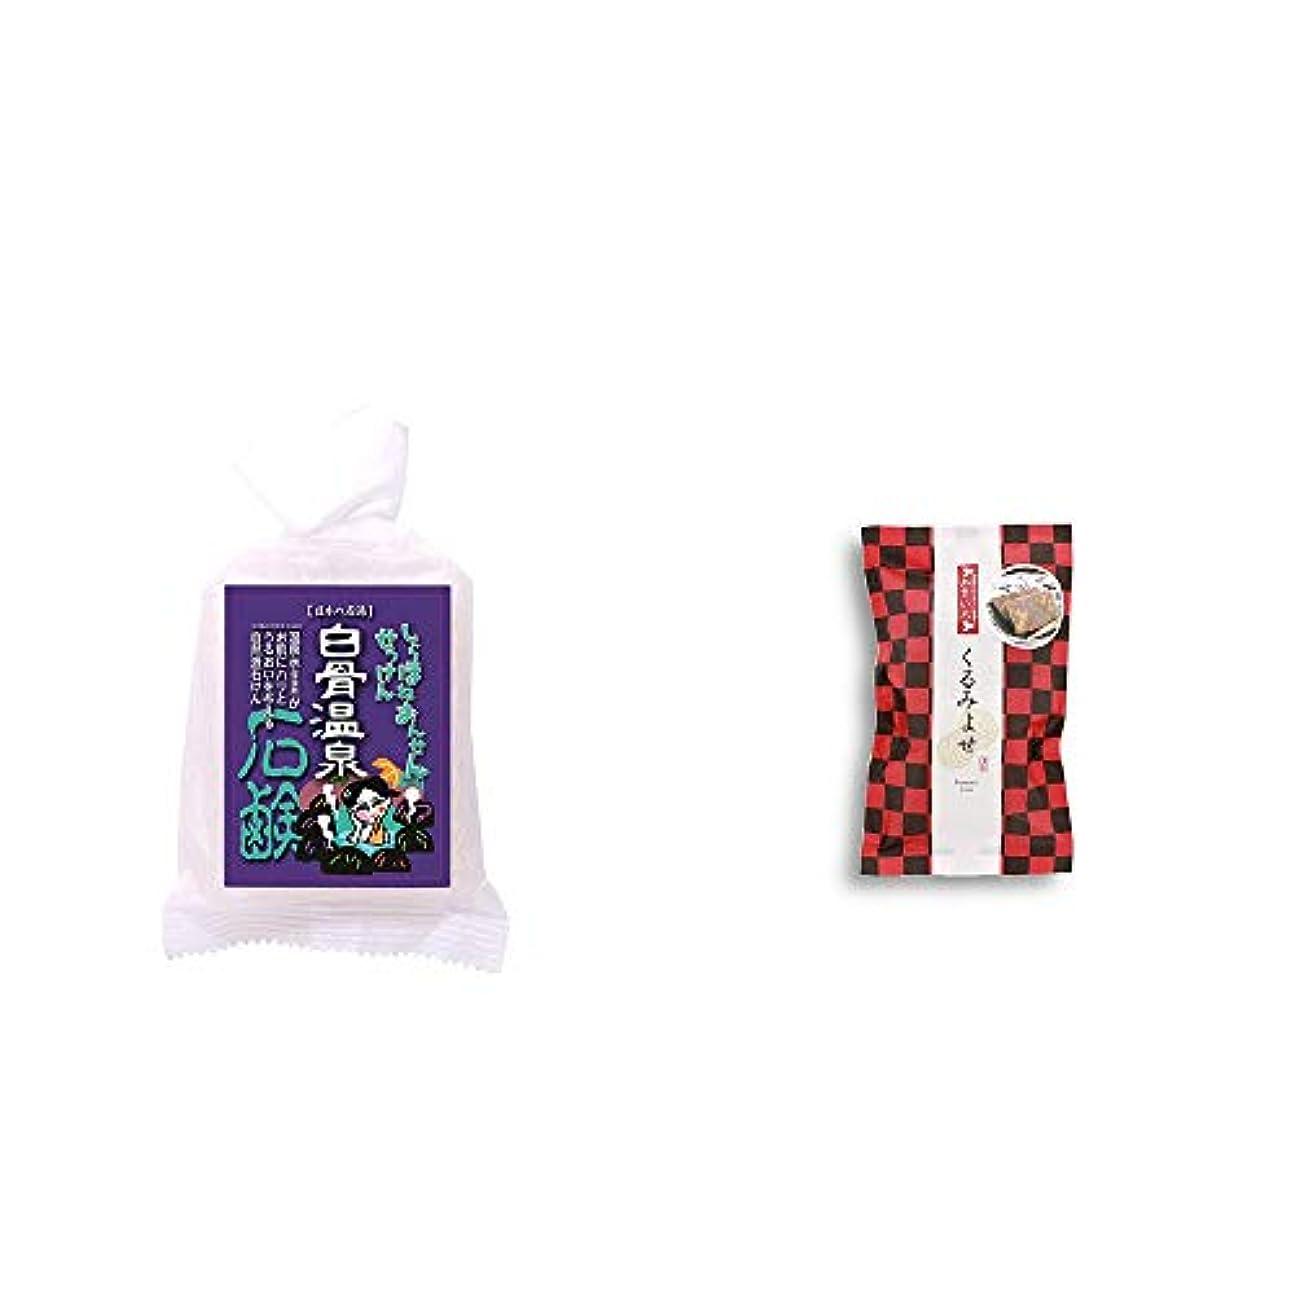 ビーズエンドテーブル祖先[2点セット] 信州 白骨温泉石鹸(80g)?くるみよせ(こし餡)(5個入)